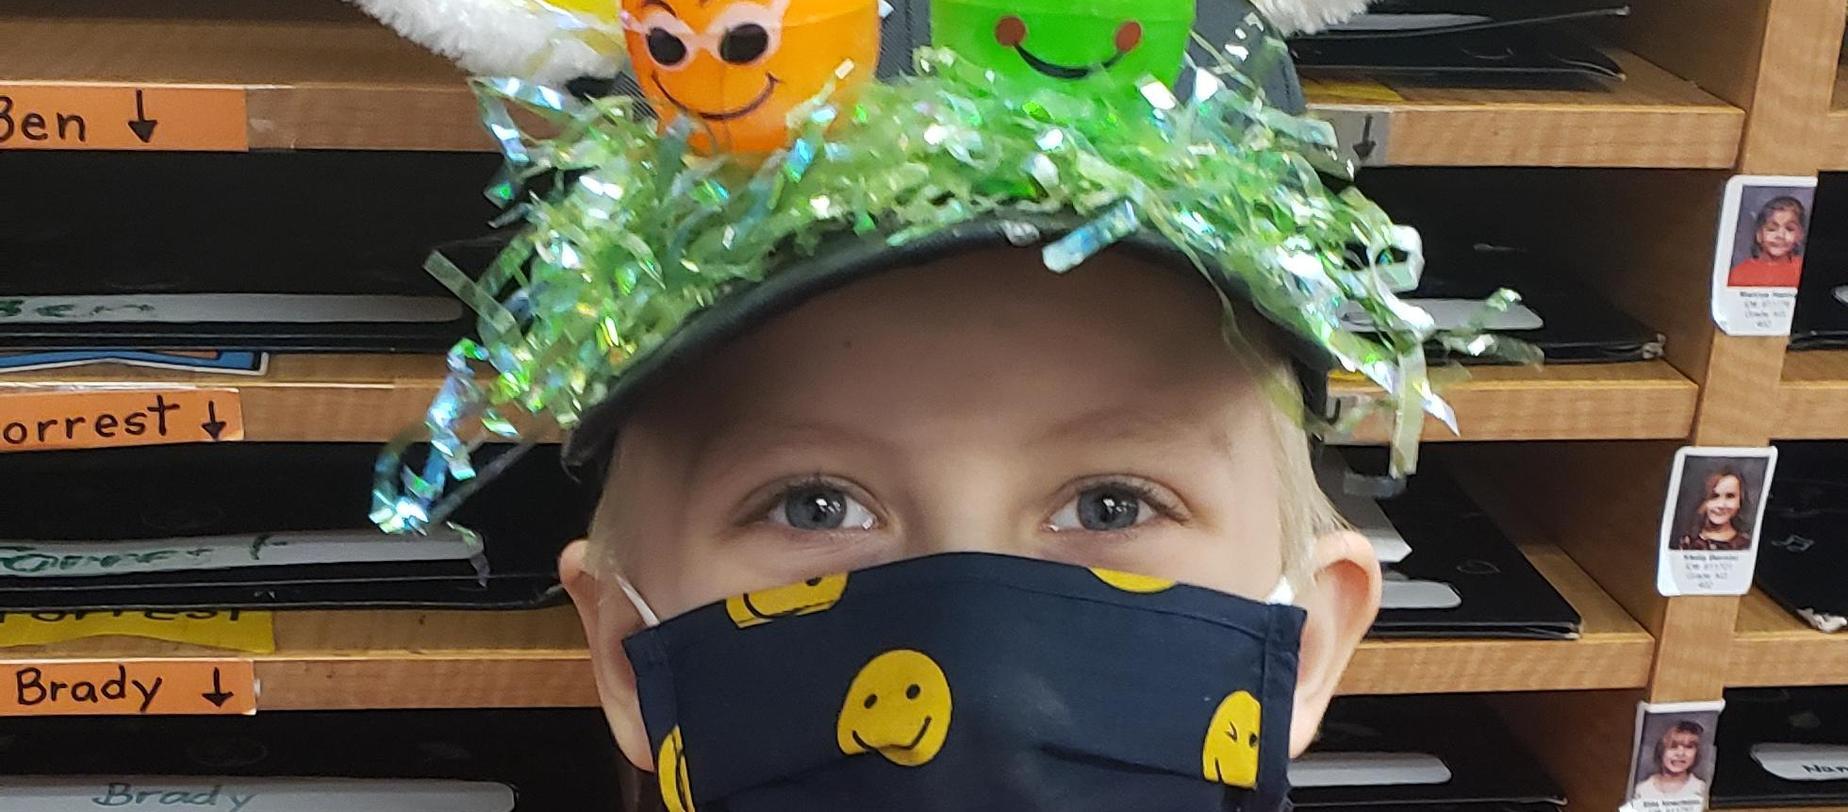 boy wearing an Easter hat